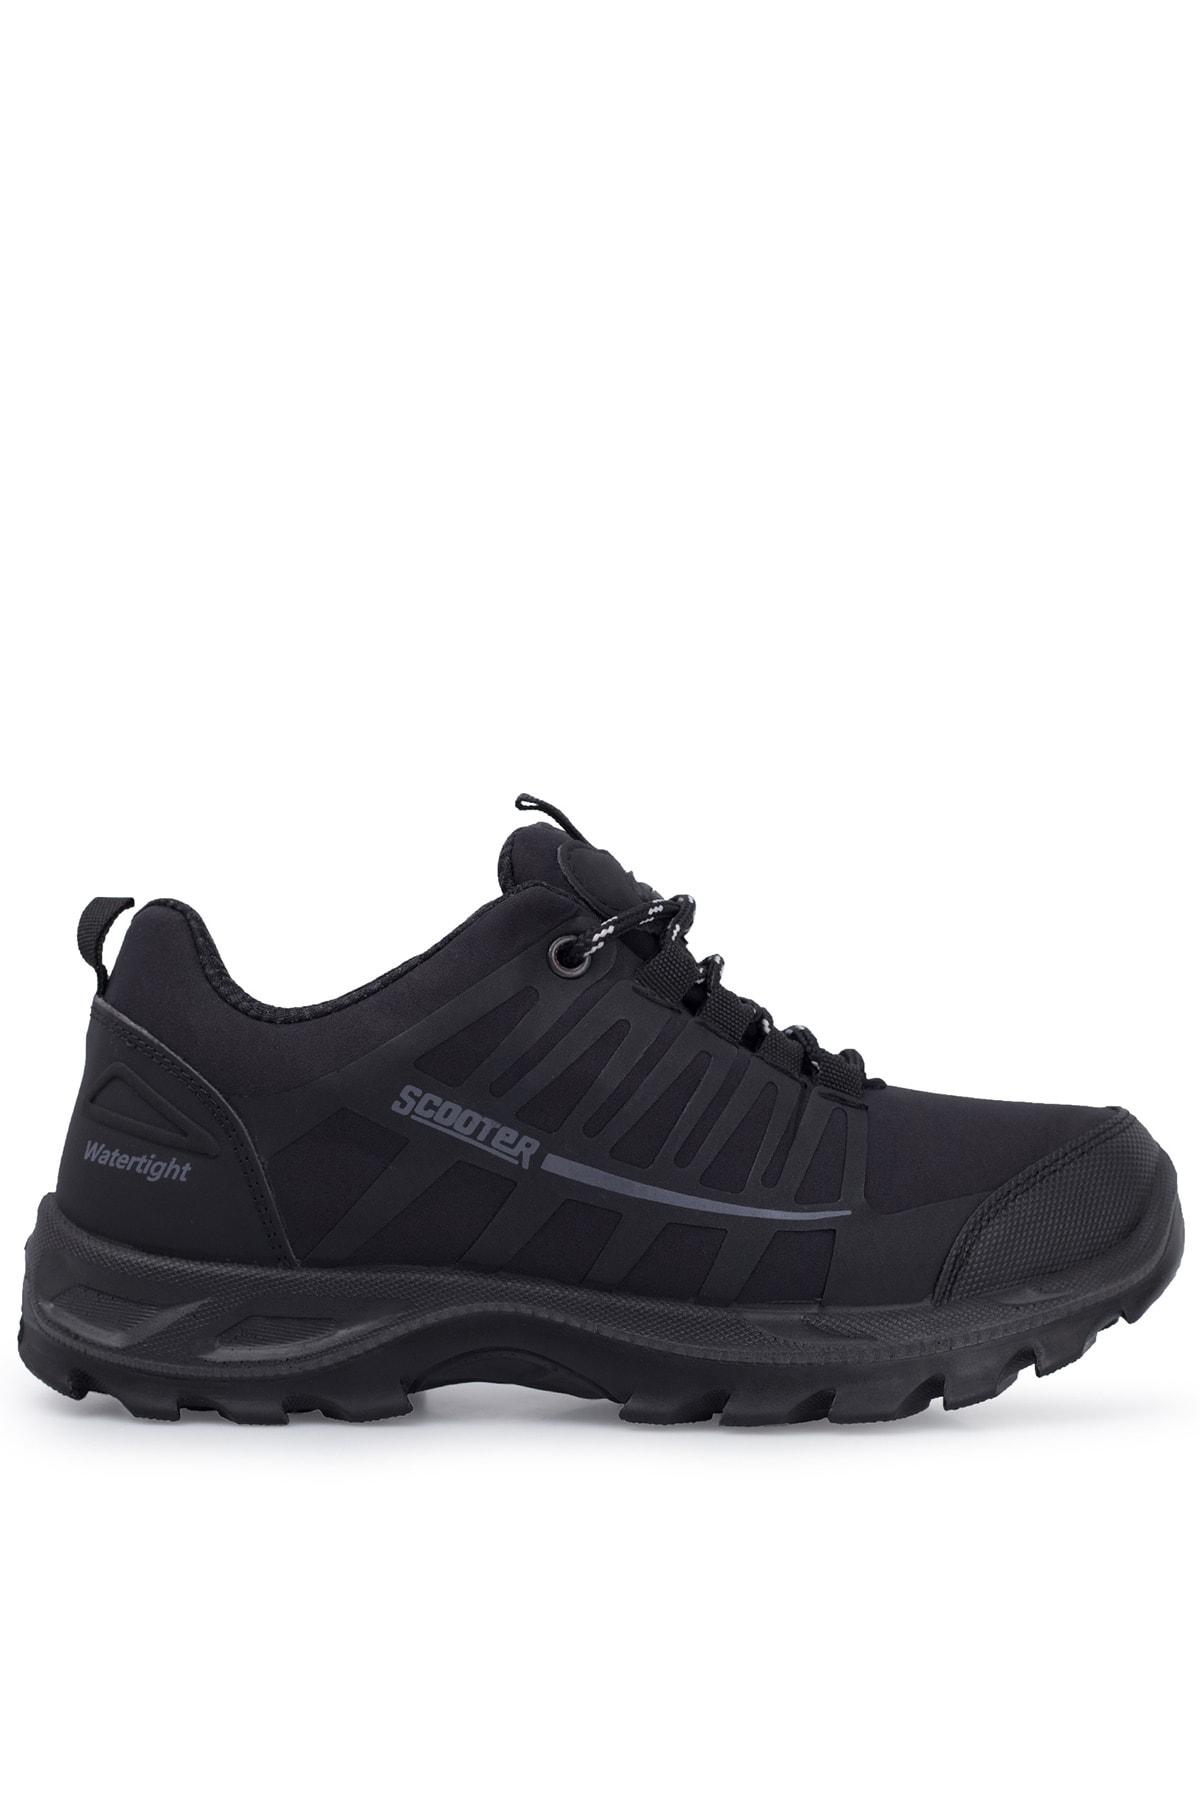 Scooter Kadın Siyah Su Geçirmez Kışlık Ayakkabı 516g5232t 1